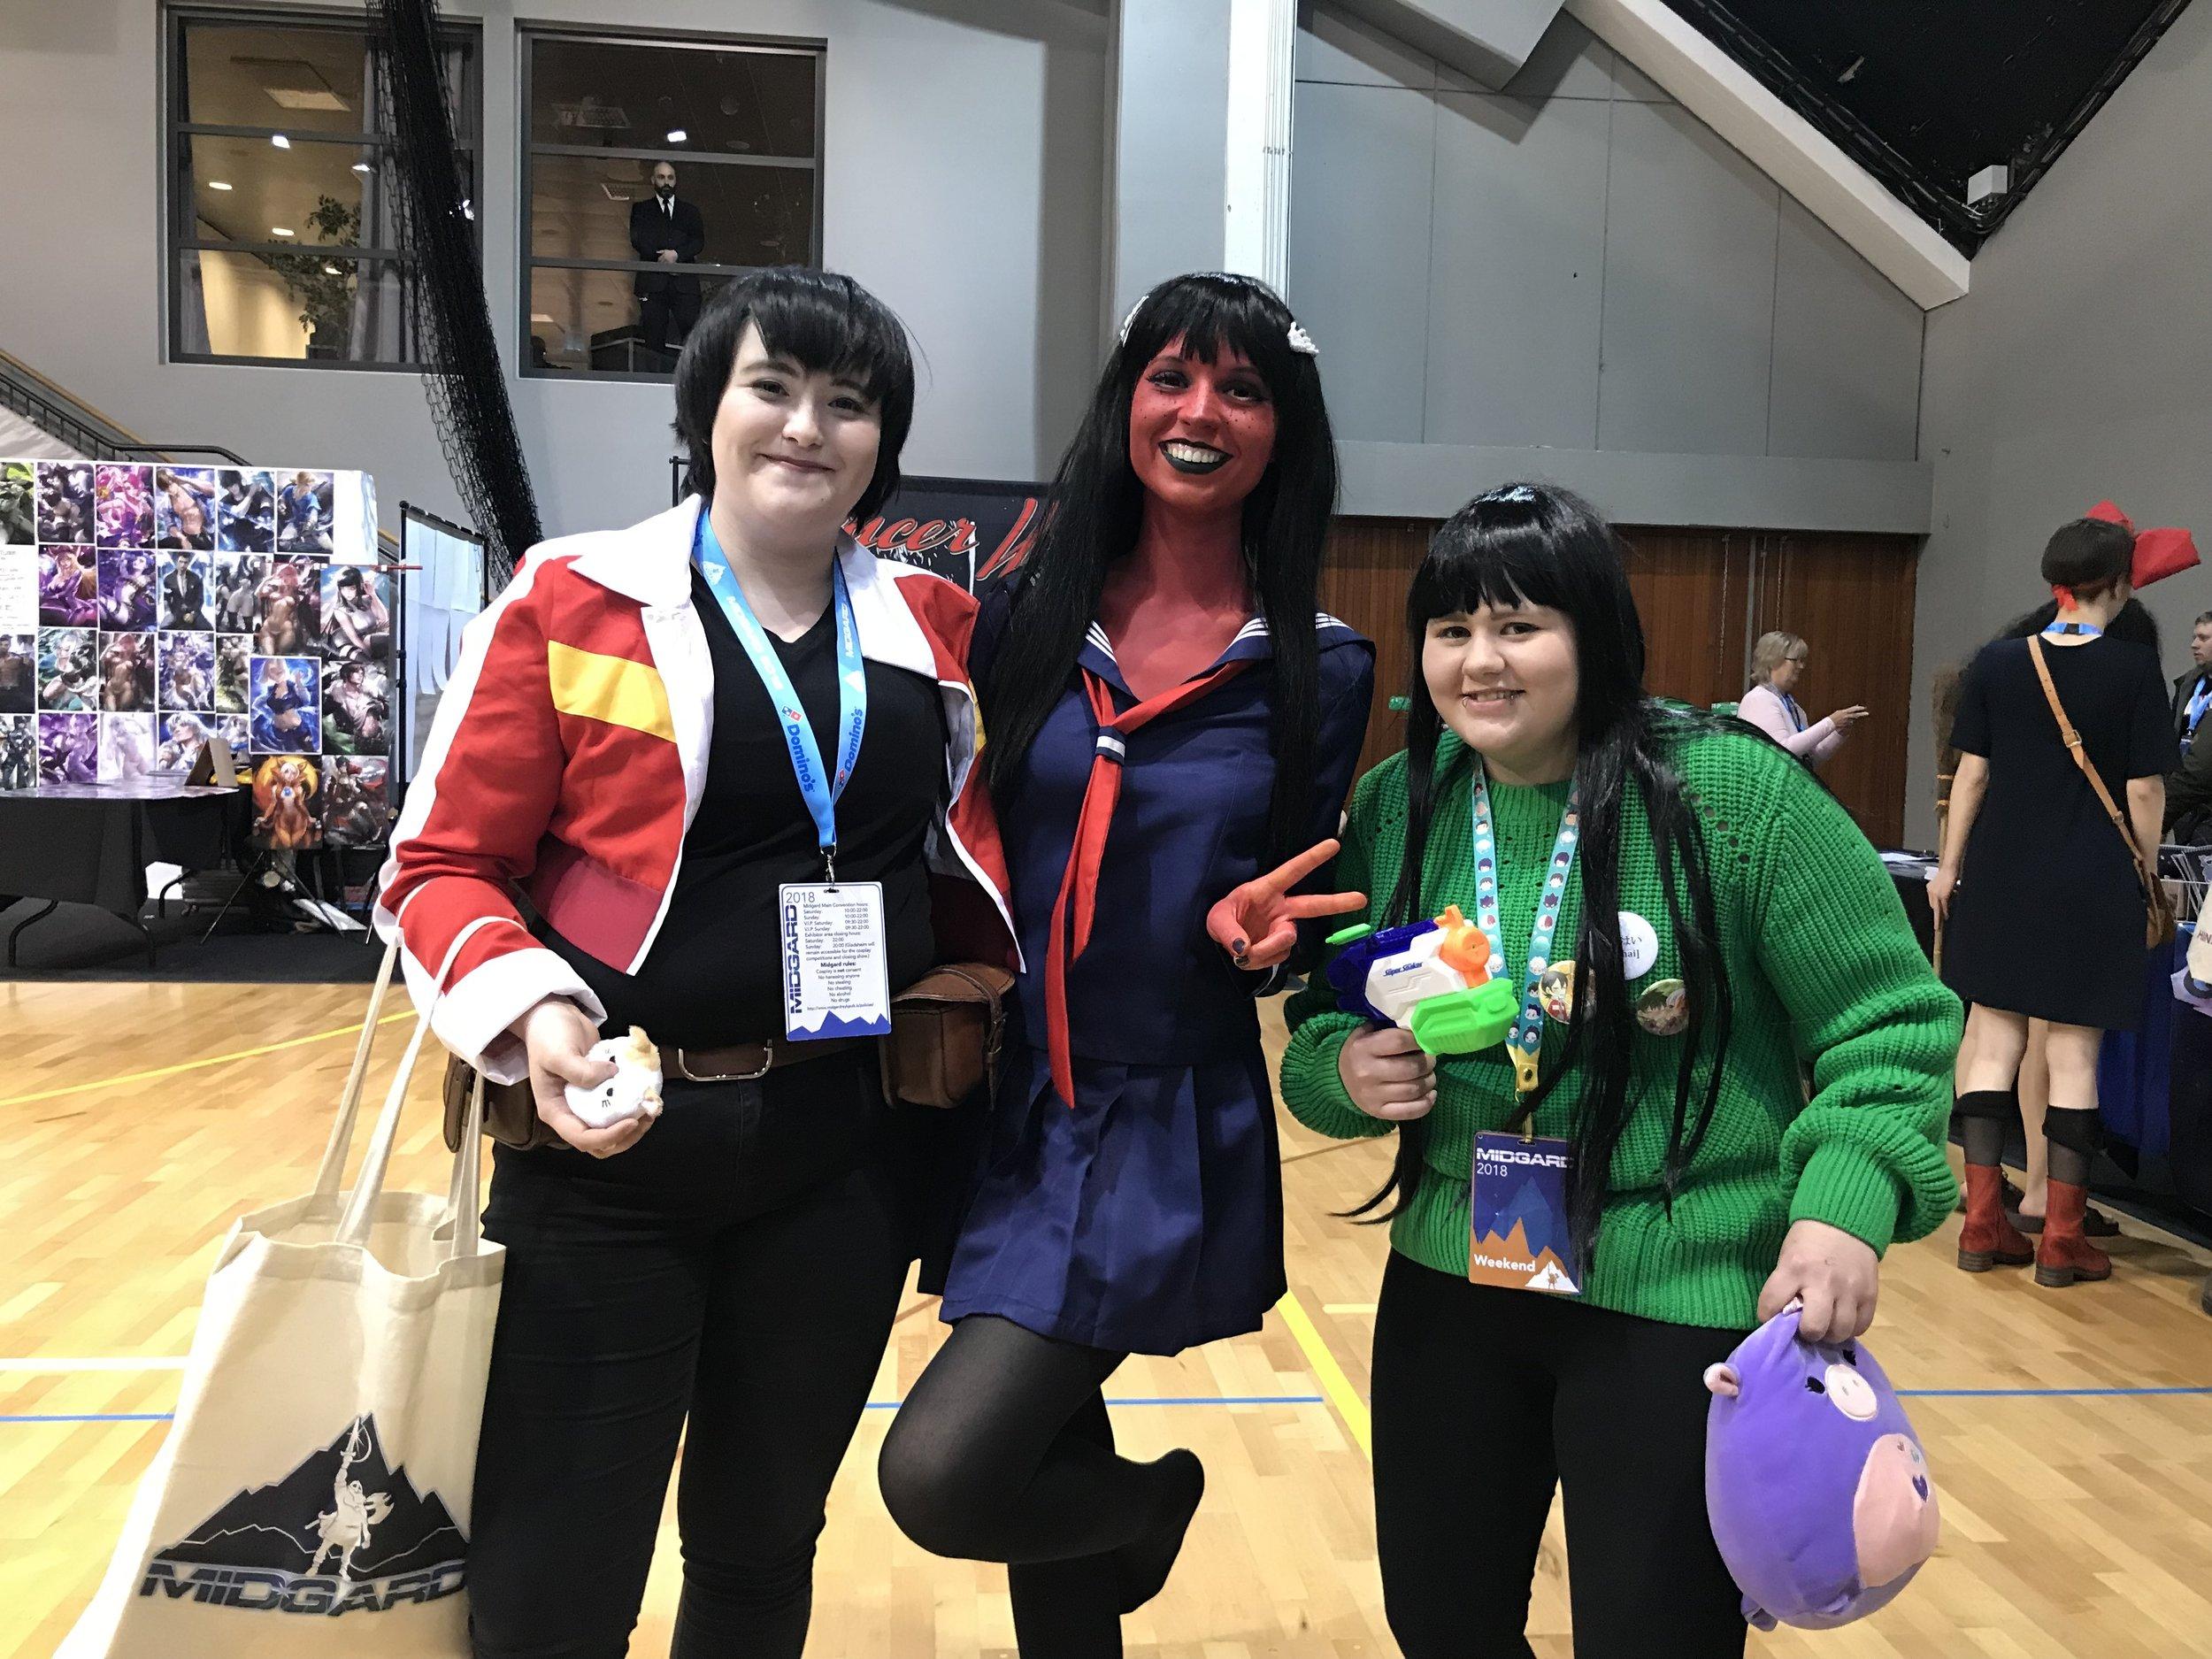 SABMG Midgard 2018 Female Cosplayers.jpg